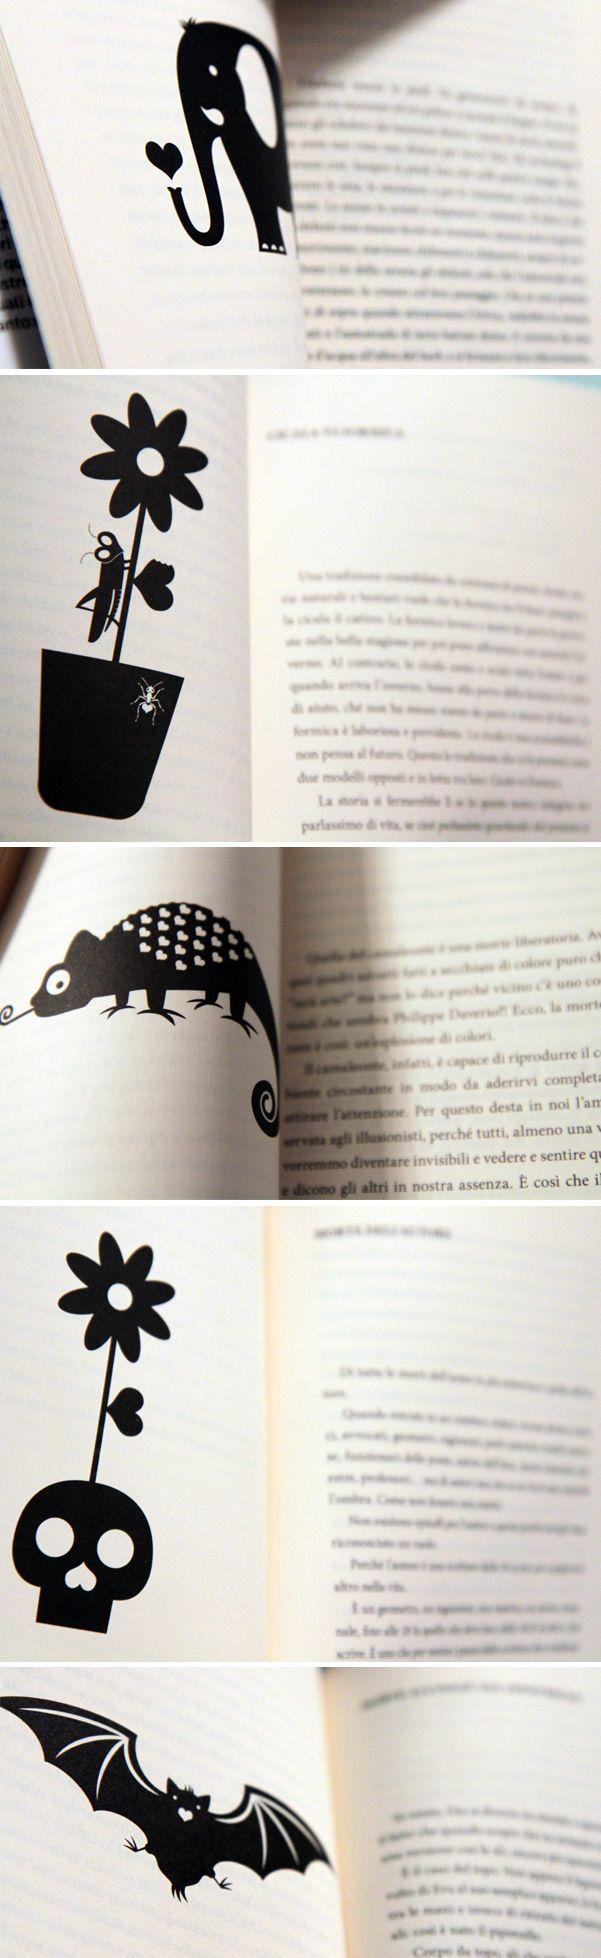 """Illustrazioni per il libro """"Morti favolose di animali comuni"""" di Renato Polizzi, Caracò Editore. Carmine Luino 2014 ©"""